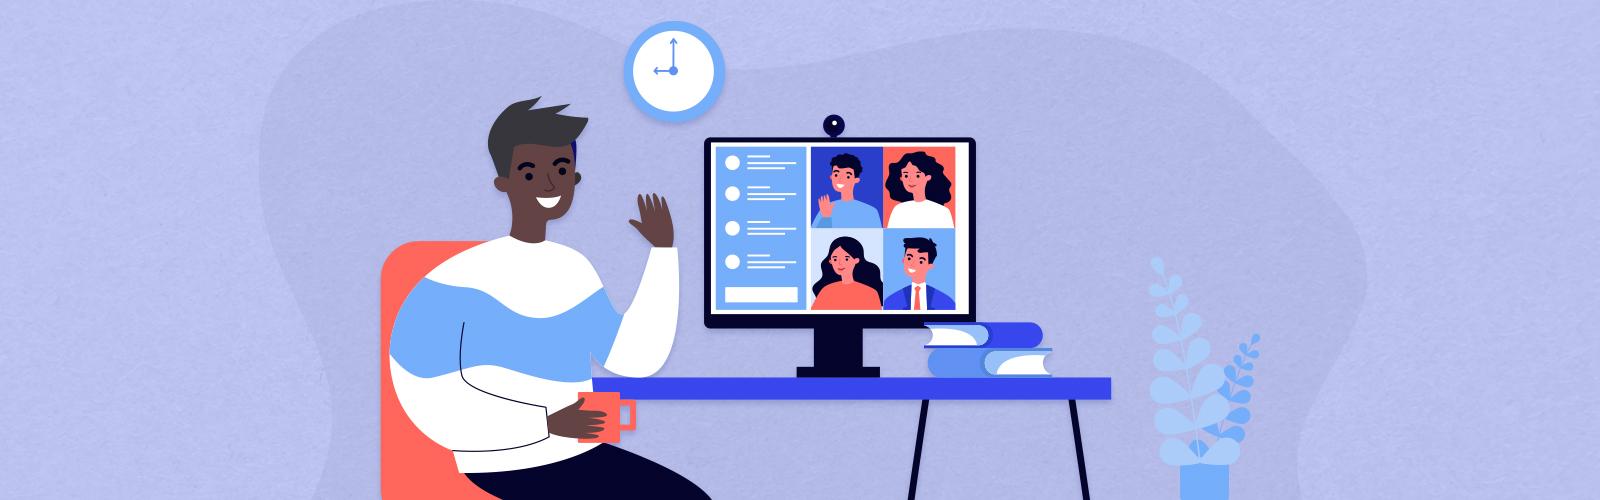 m outro fator que devemos levar em consideração é a saúde psicológica dos funcionários. Os novos modelos de trabalho em home office com o isolamento social trouxeram inúmeras questões para nossas relações sociais.